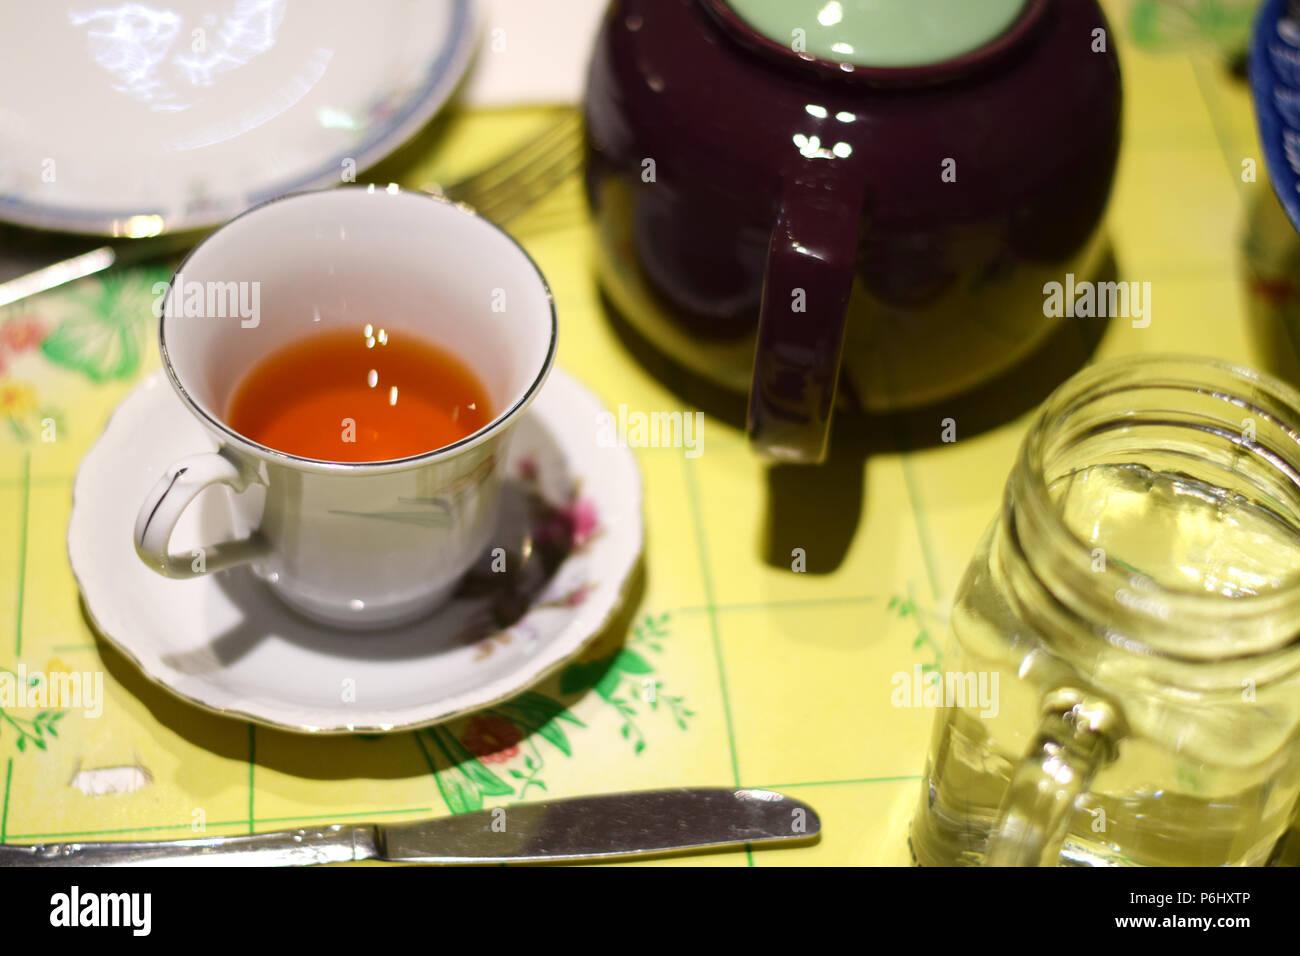 Tazza da tè sul tavolo con tè in esso Immagini Stock